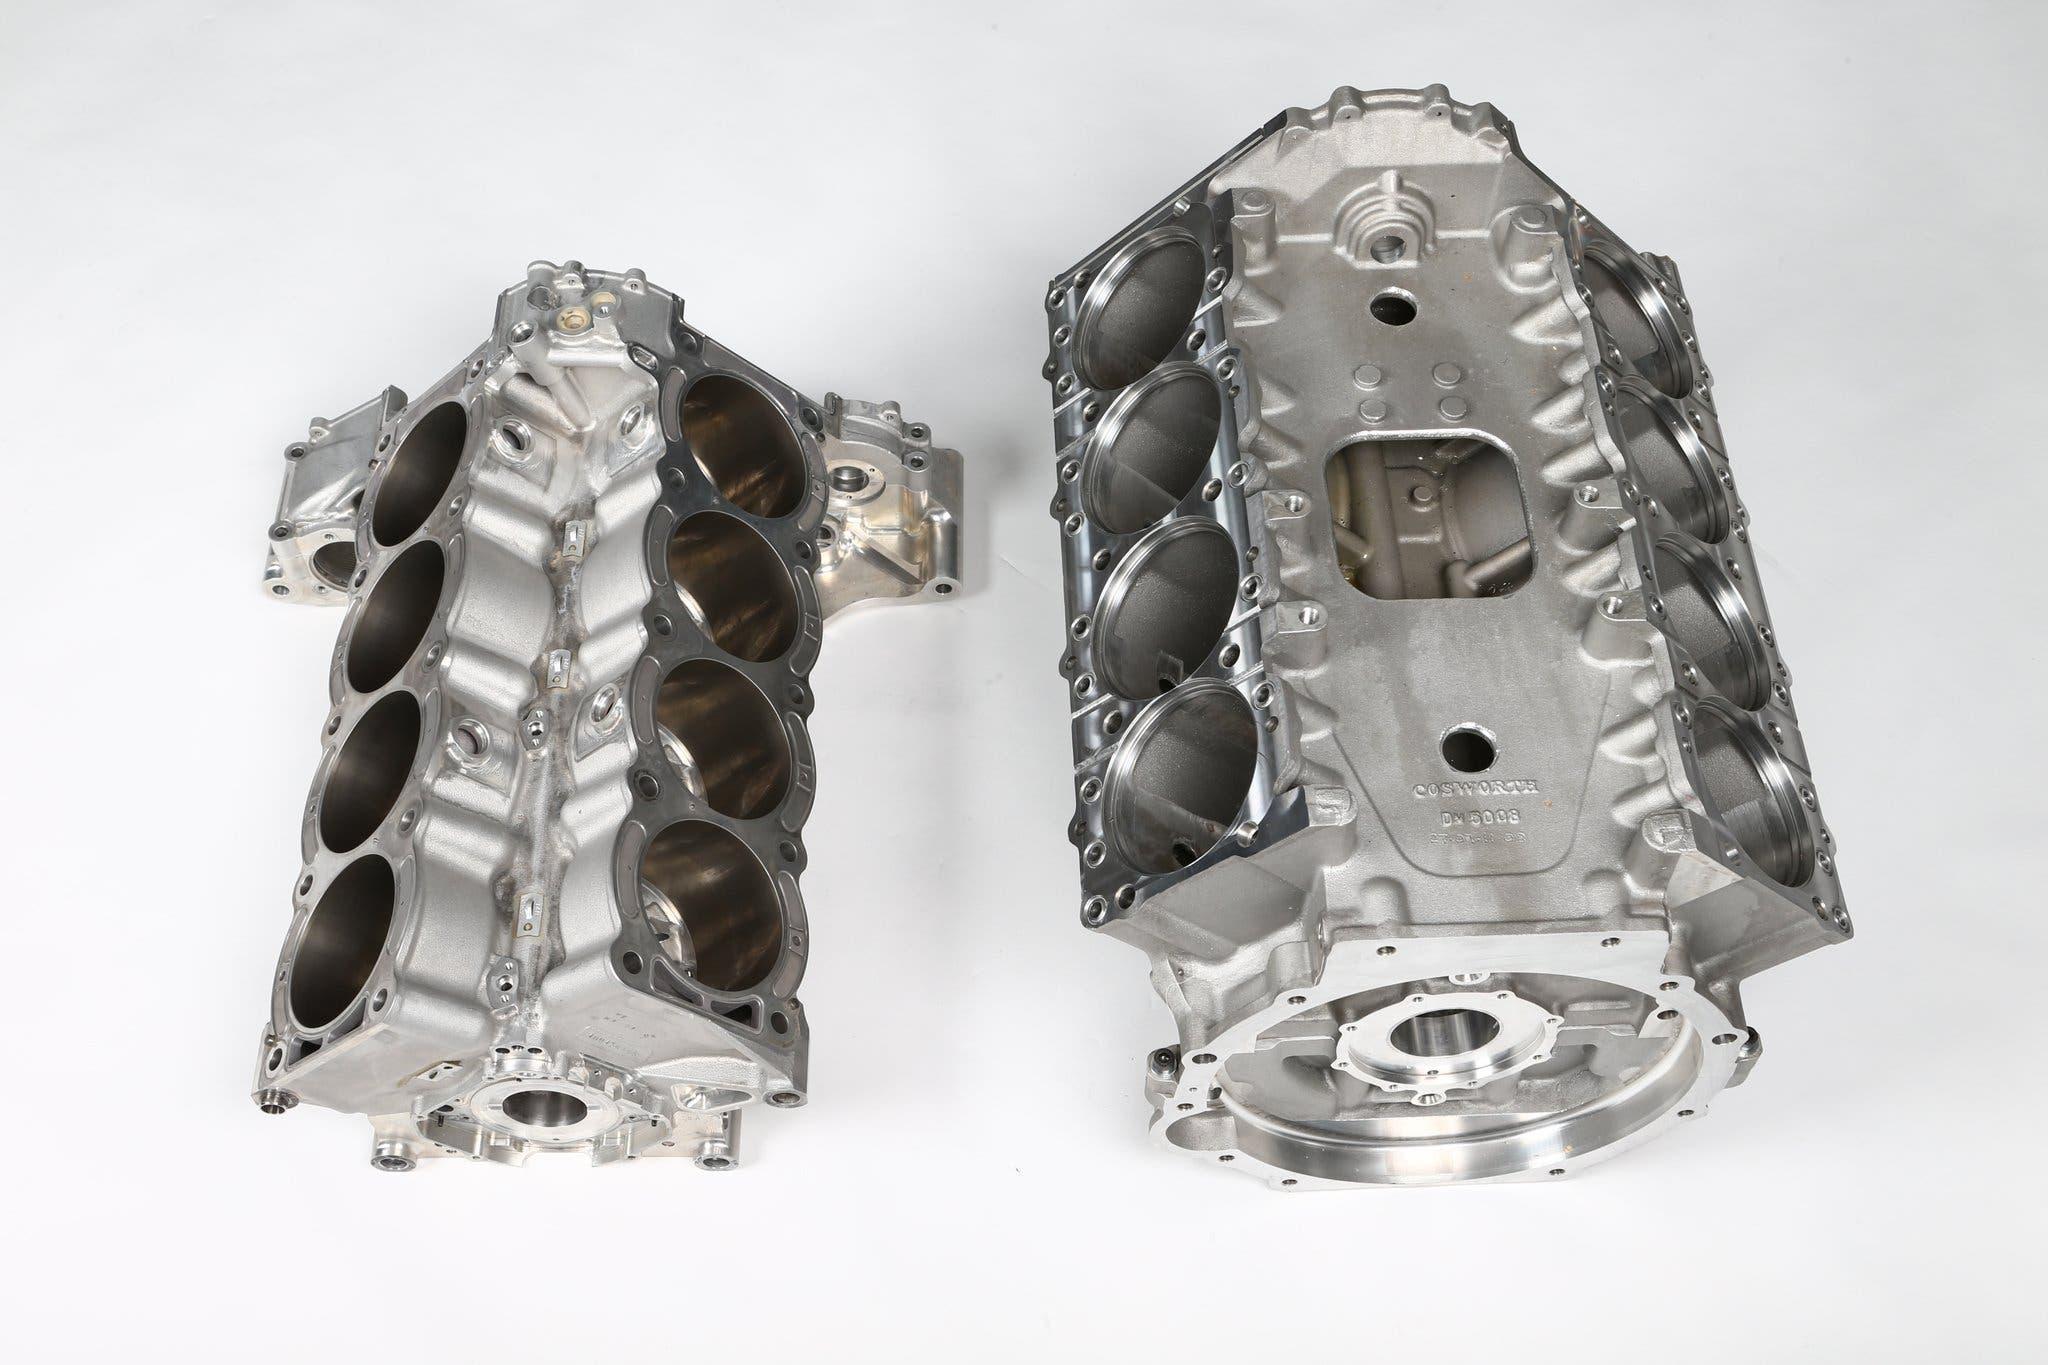 Cosworth CA vs Cosworth DFV motori F1